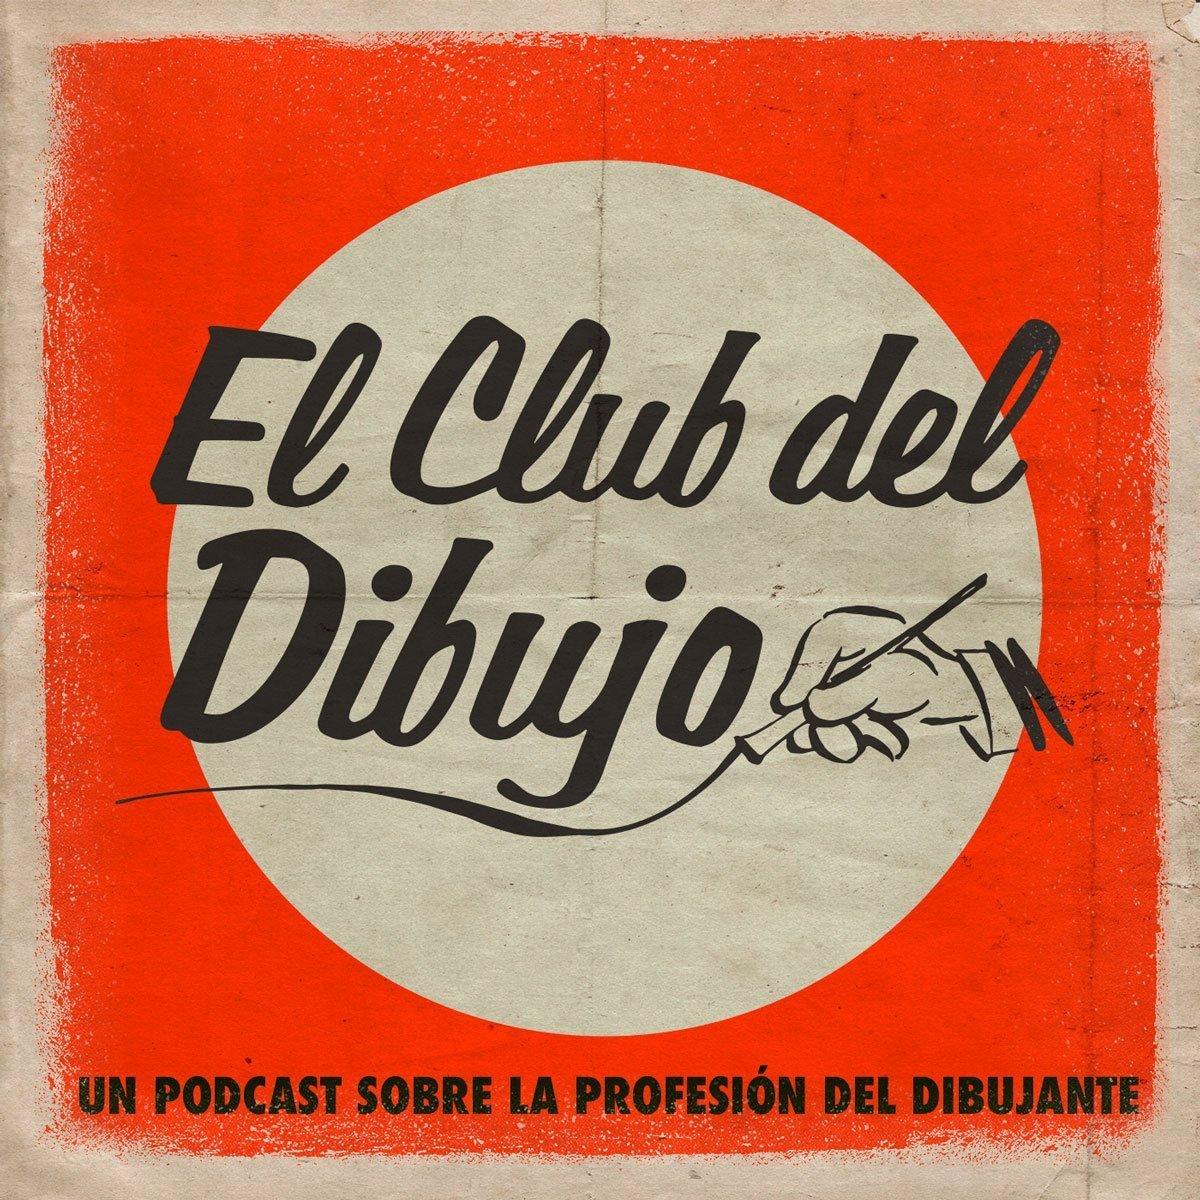 El Club del Dibujo